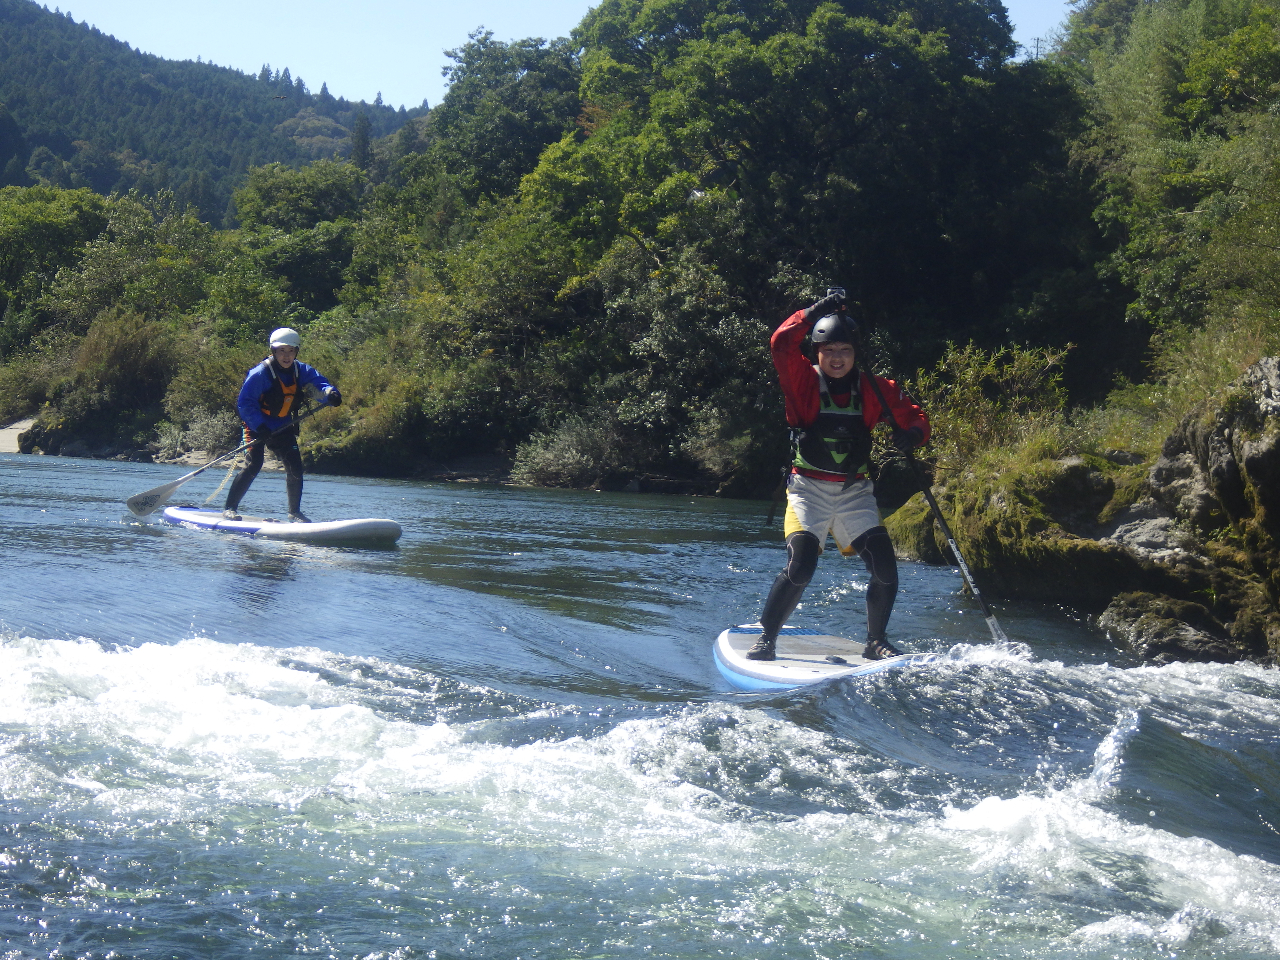 ◆SUP体験◆誰でも気軽に川や海を楽しめます!<半日流水コース>激しい流水にもチ...